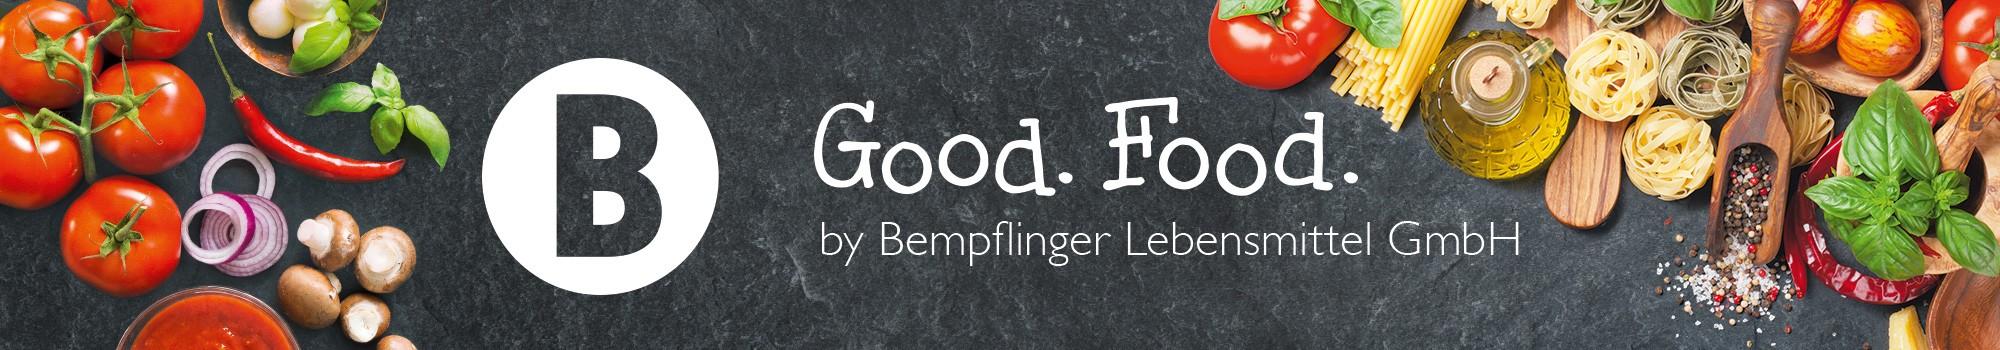 Bempflinger Lebensmittel GmbH  LinkedIn